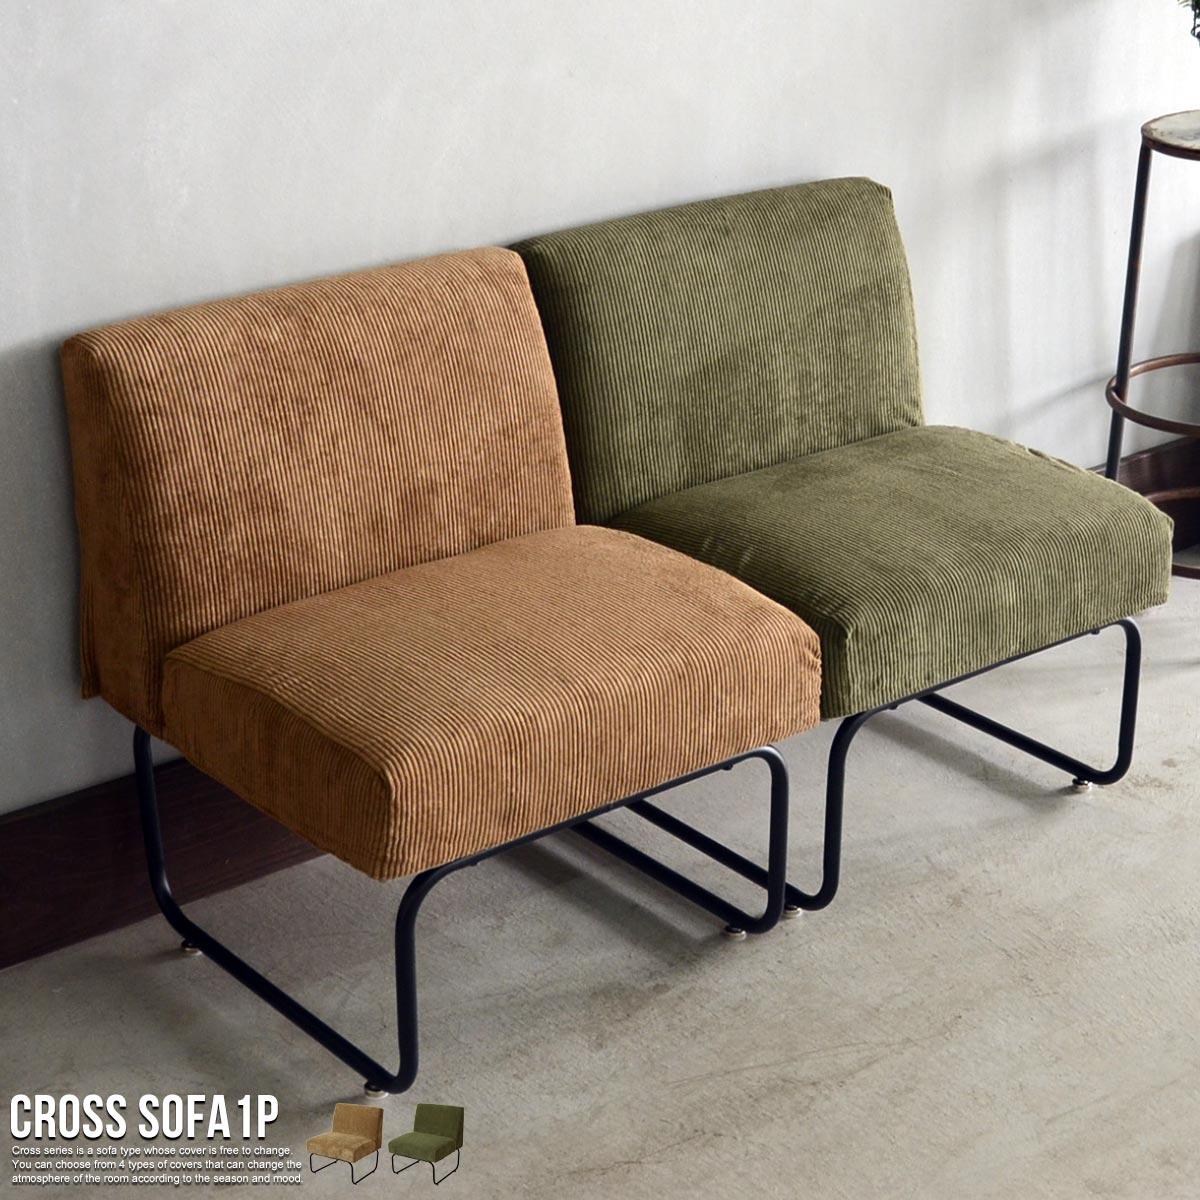 【最大1500円OFFクーポン】ソファ 1人掛け CROSS クロス椅子 チェア カバー スチール パイプ シンプル 北欧 スタイリッシュ ポイント10倍